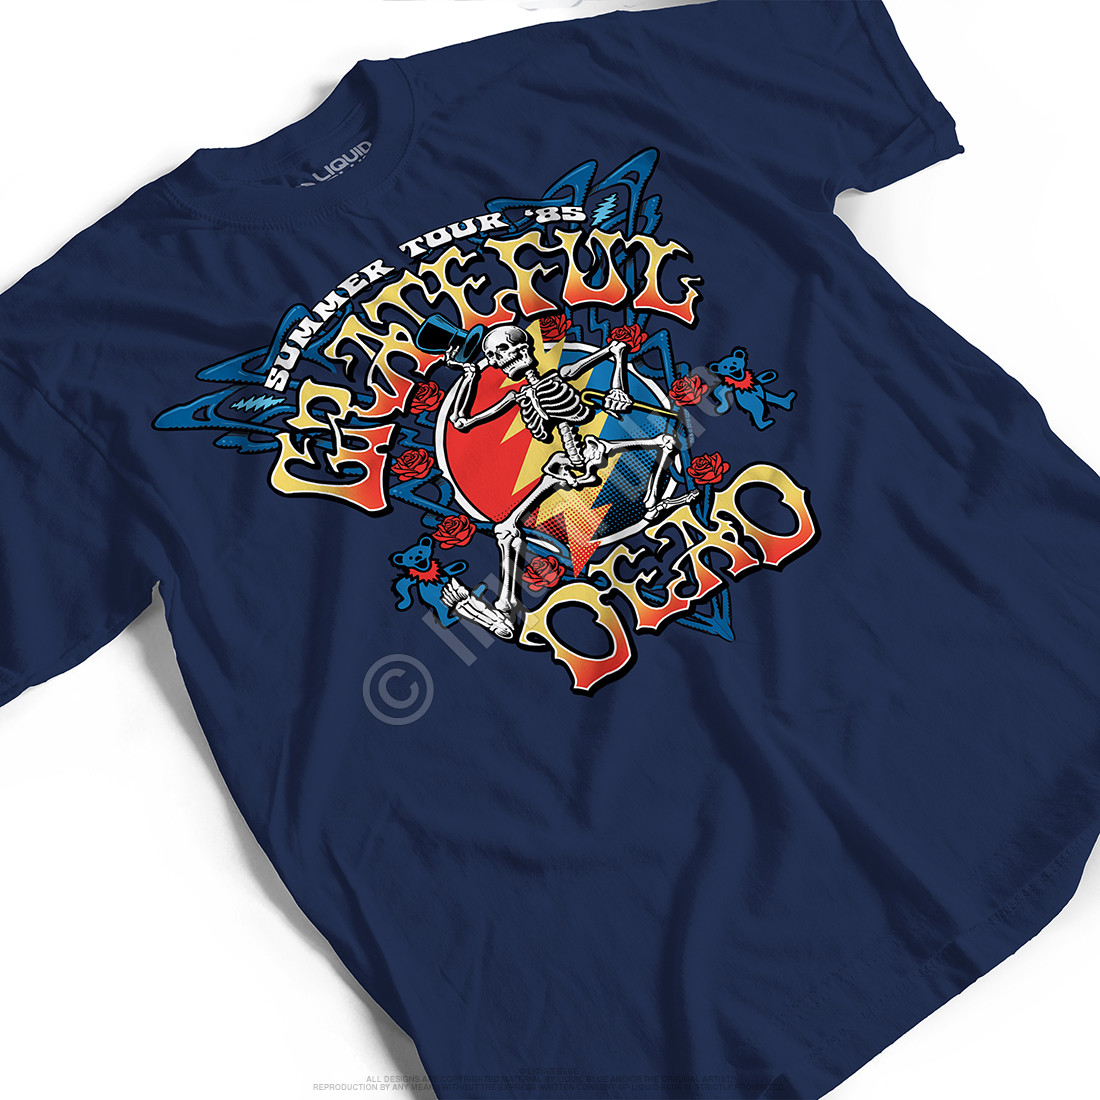 Strutting Skelly Navy T-Shirt